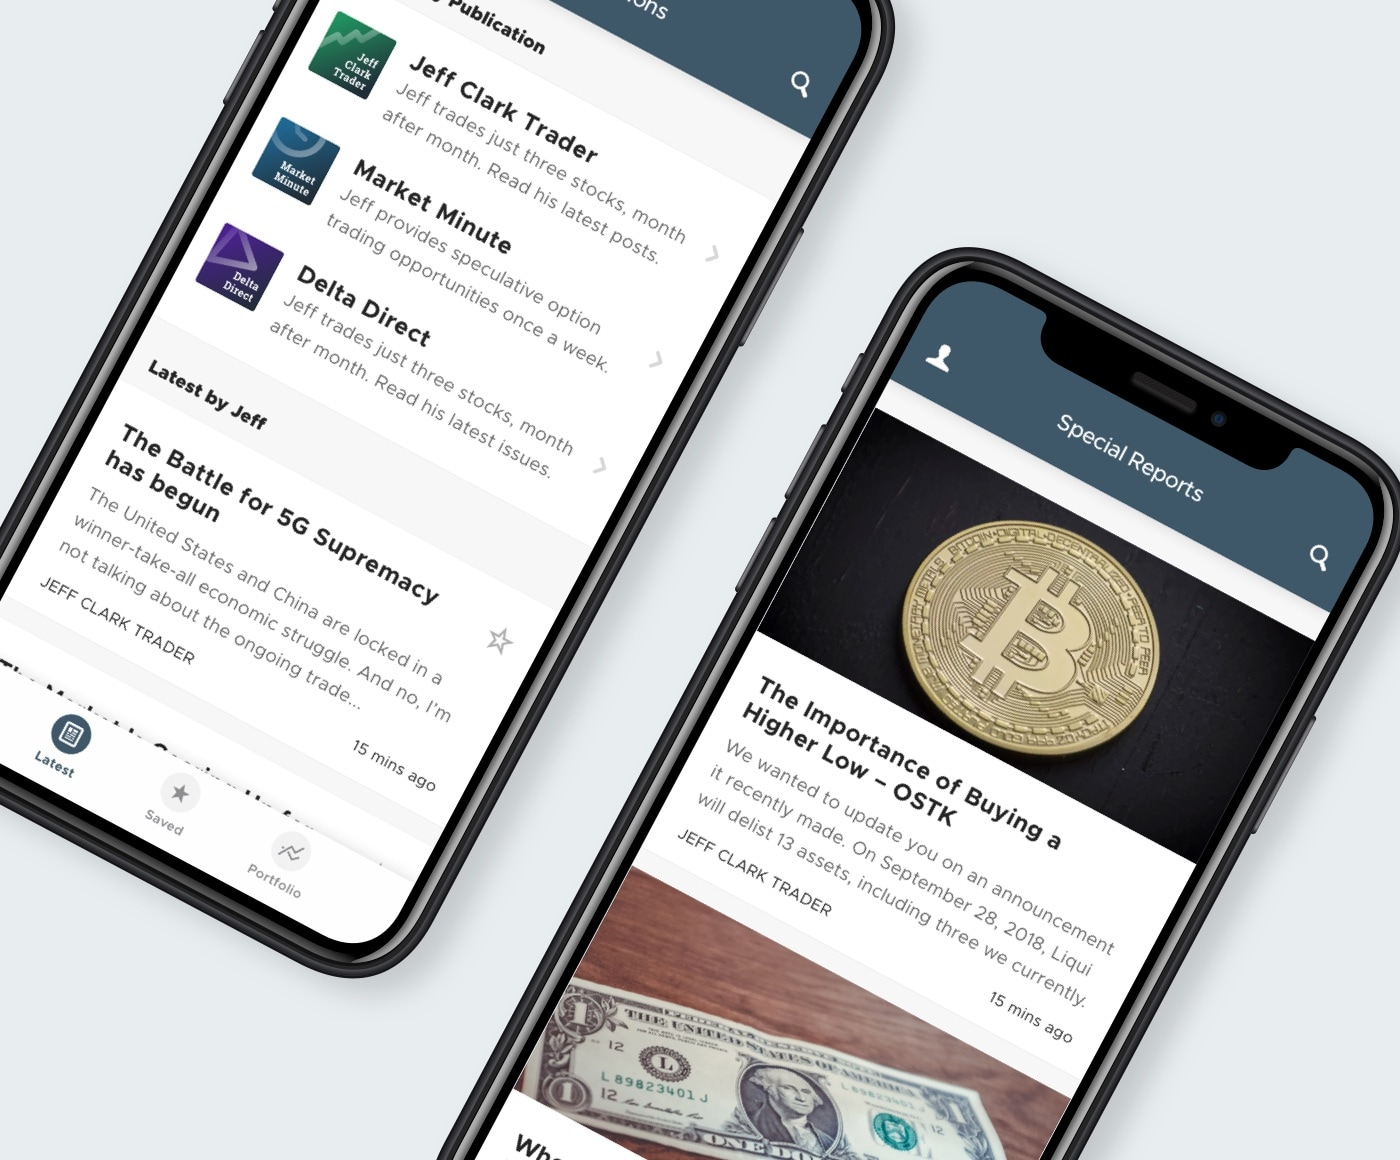 Screenshots of the Jeff Clark app.